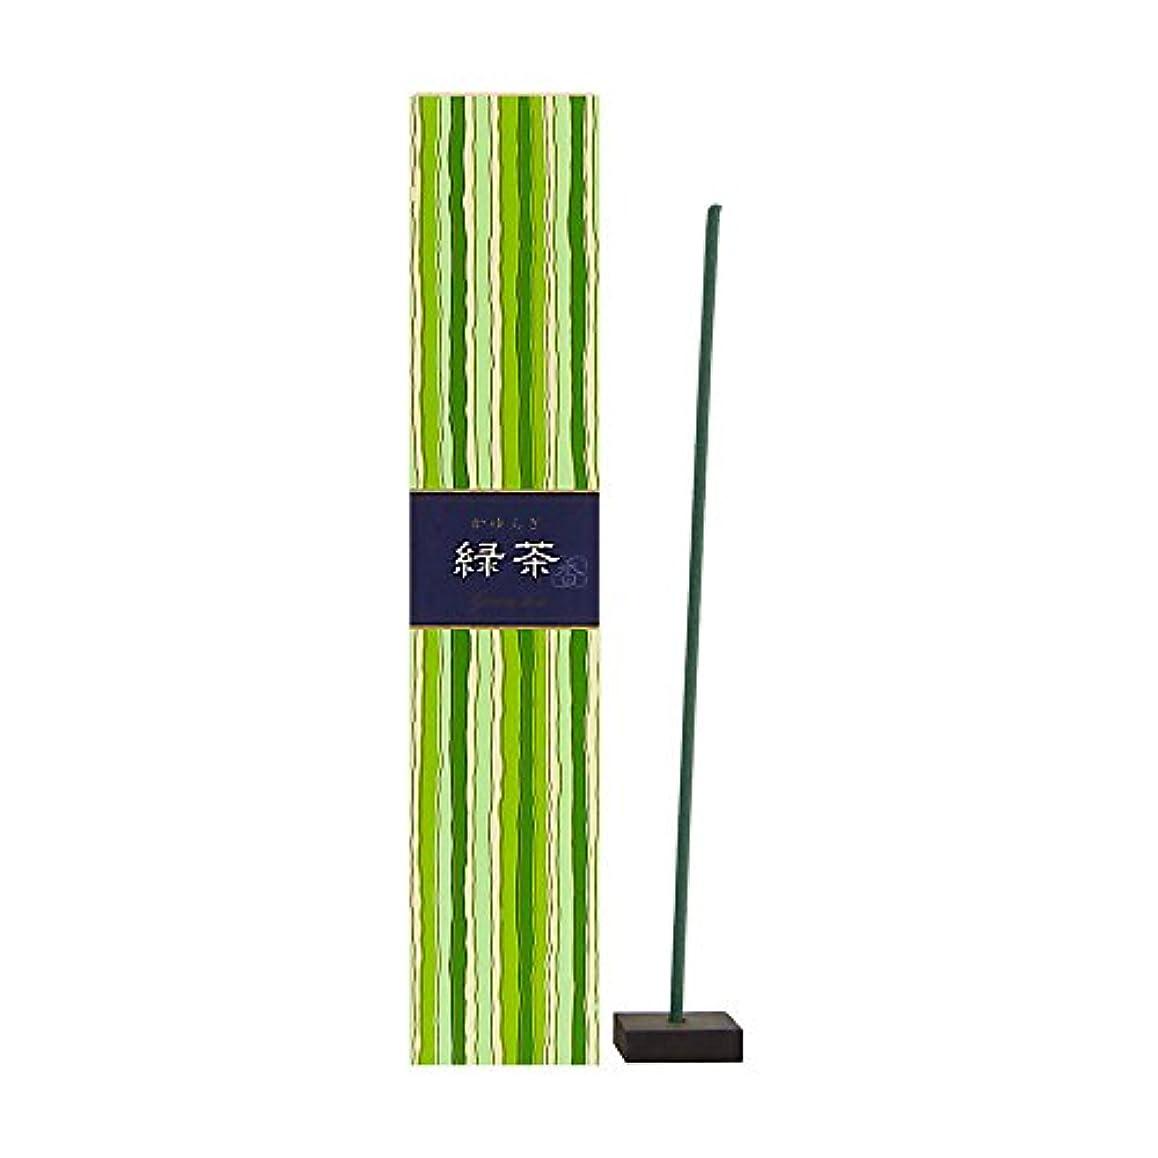 シンボル橋脚成果Nippon Kodo – Kayuragi – グリーンティー40 Sticks